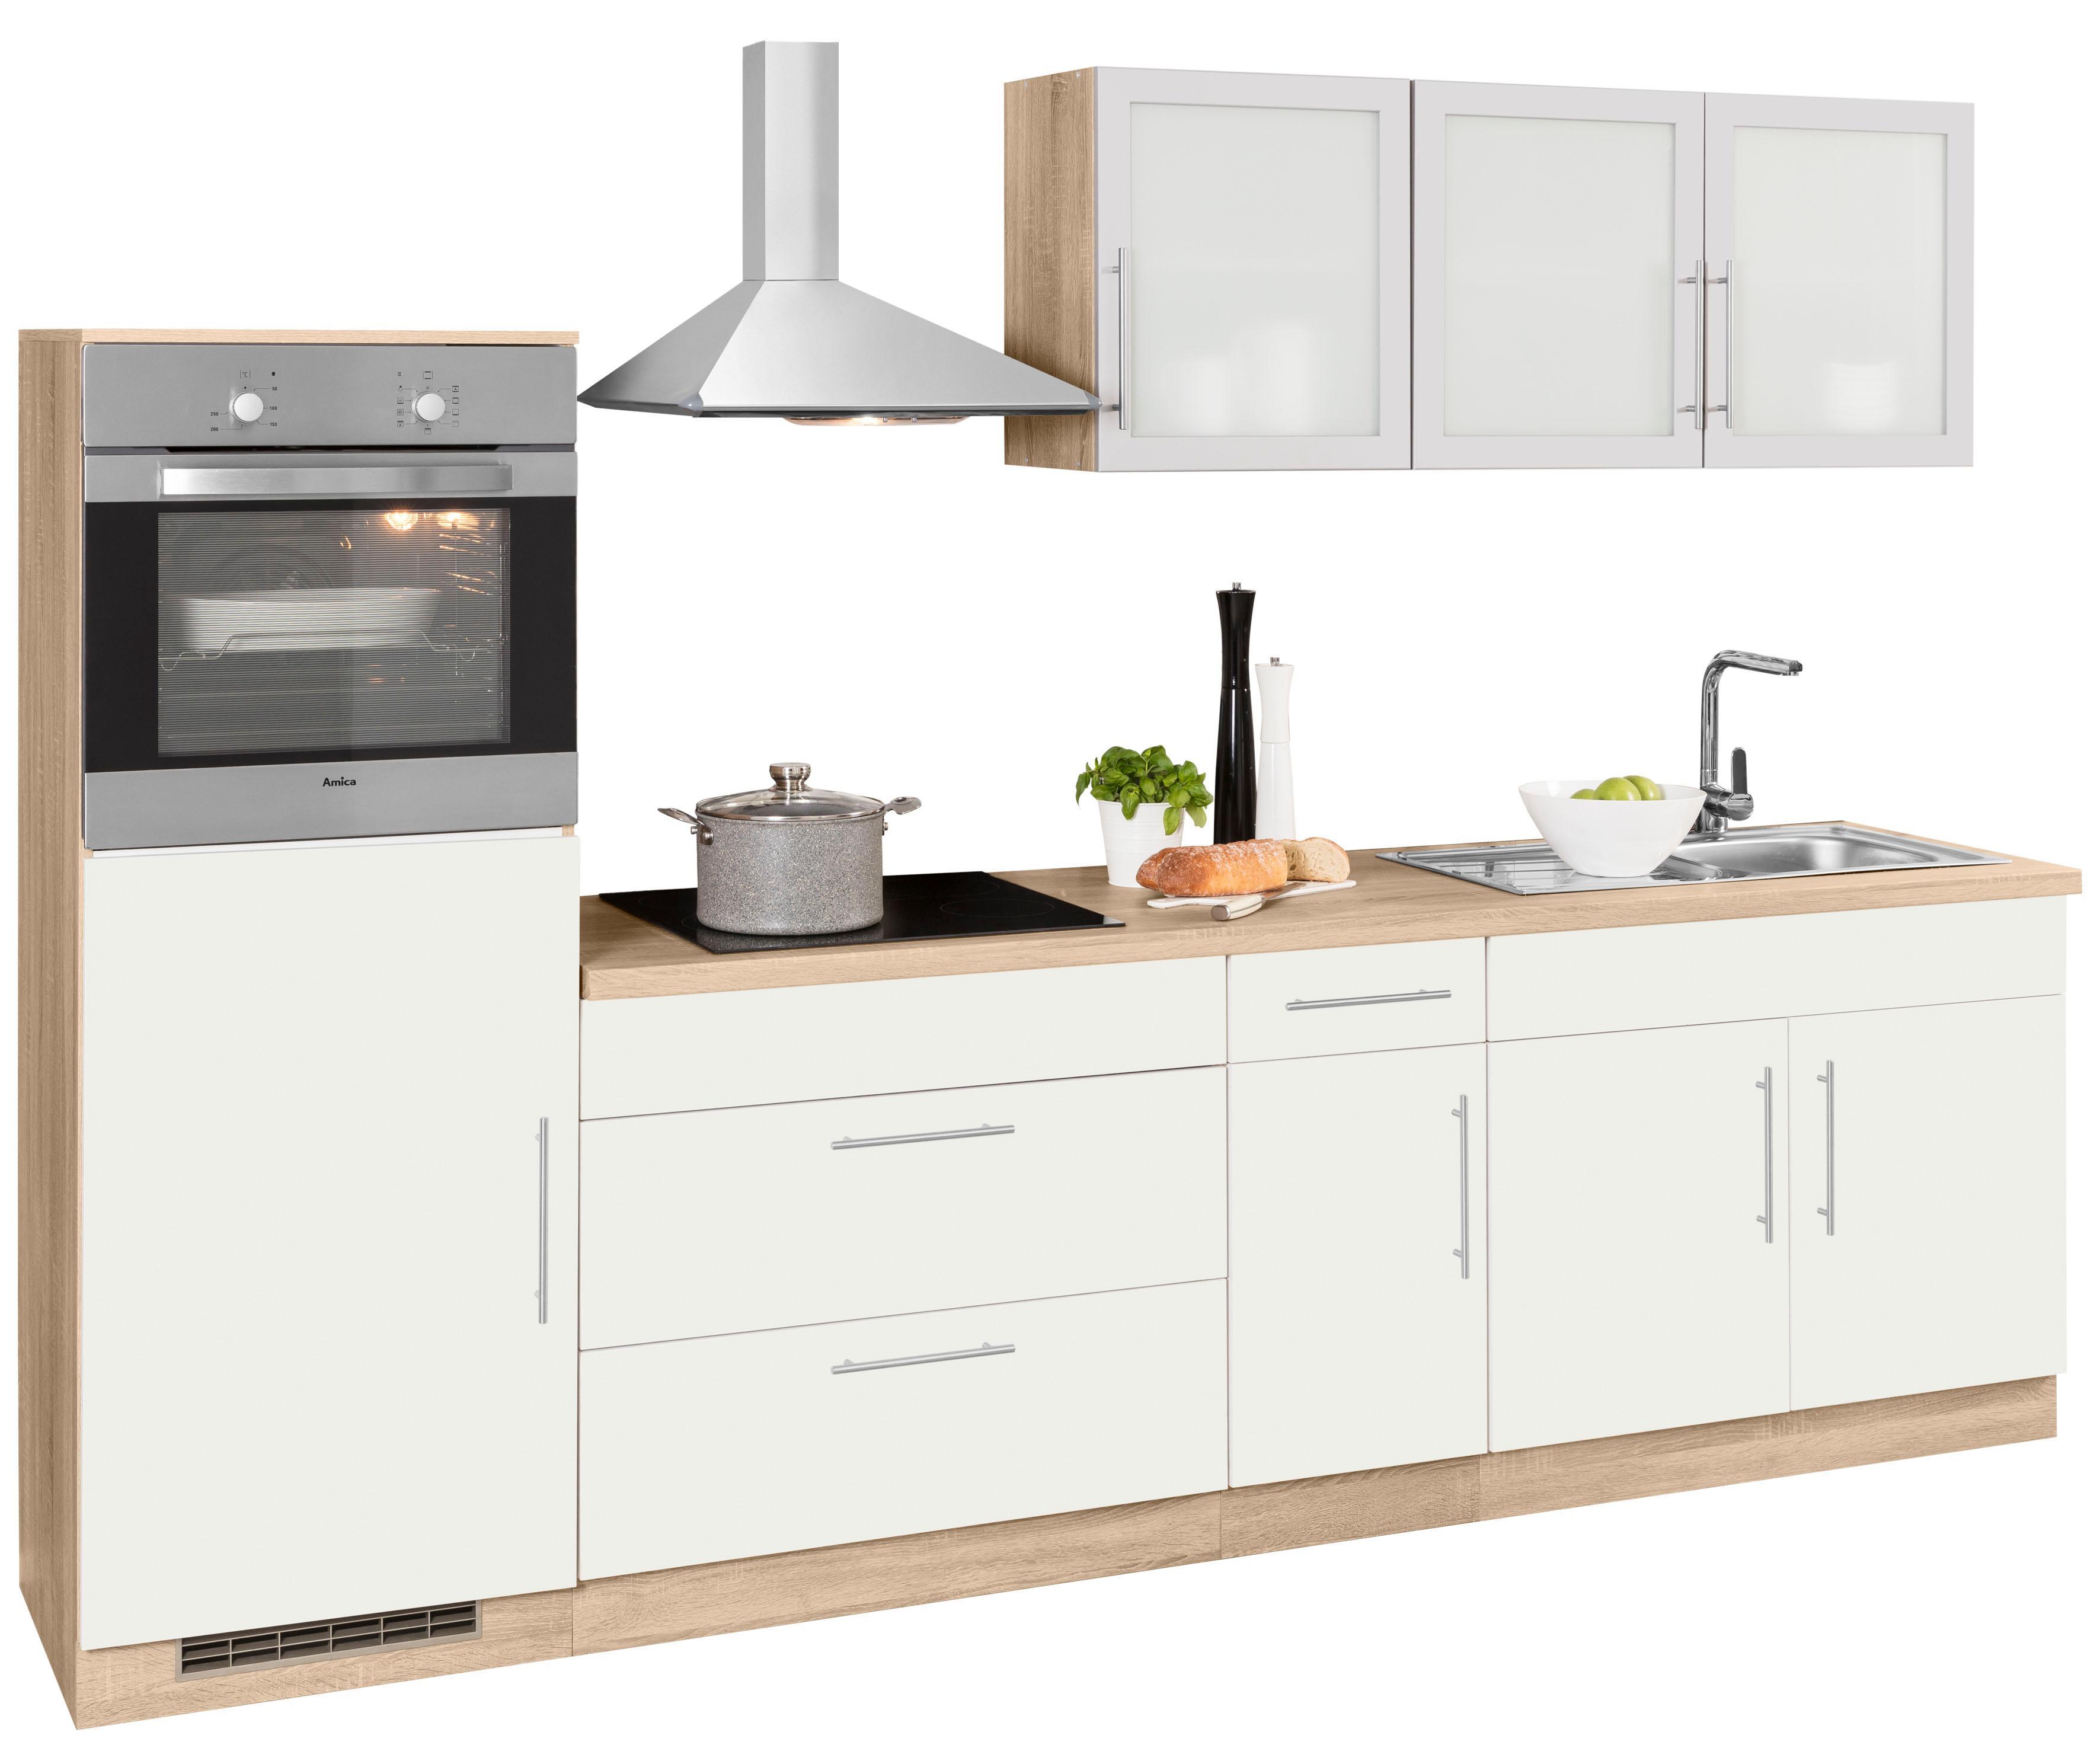 wiho k chen k chenzeile aachen auf rechnung bestellen baur. Black Bedroom Furniture Sets. Home Design Ideas